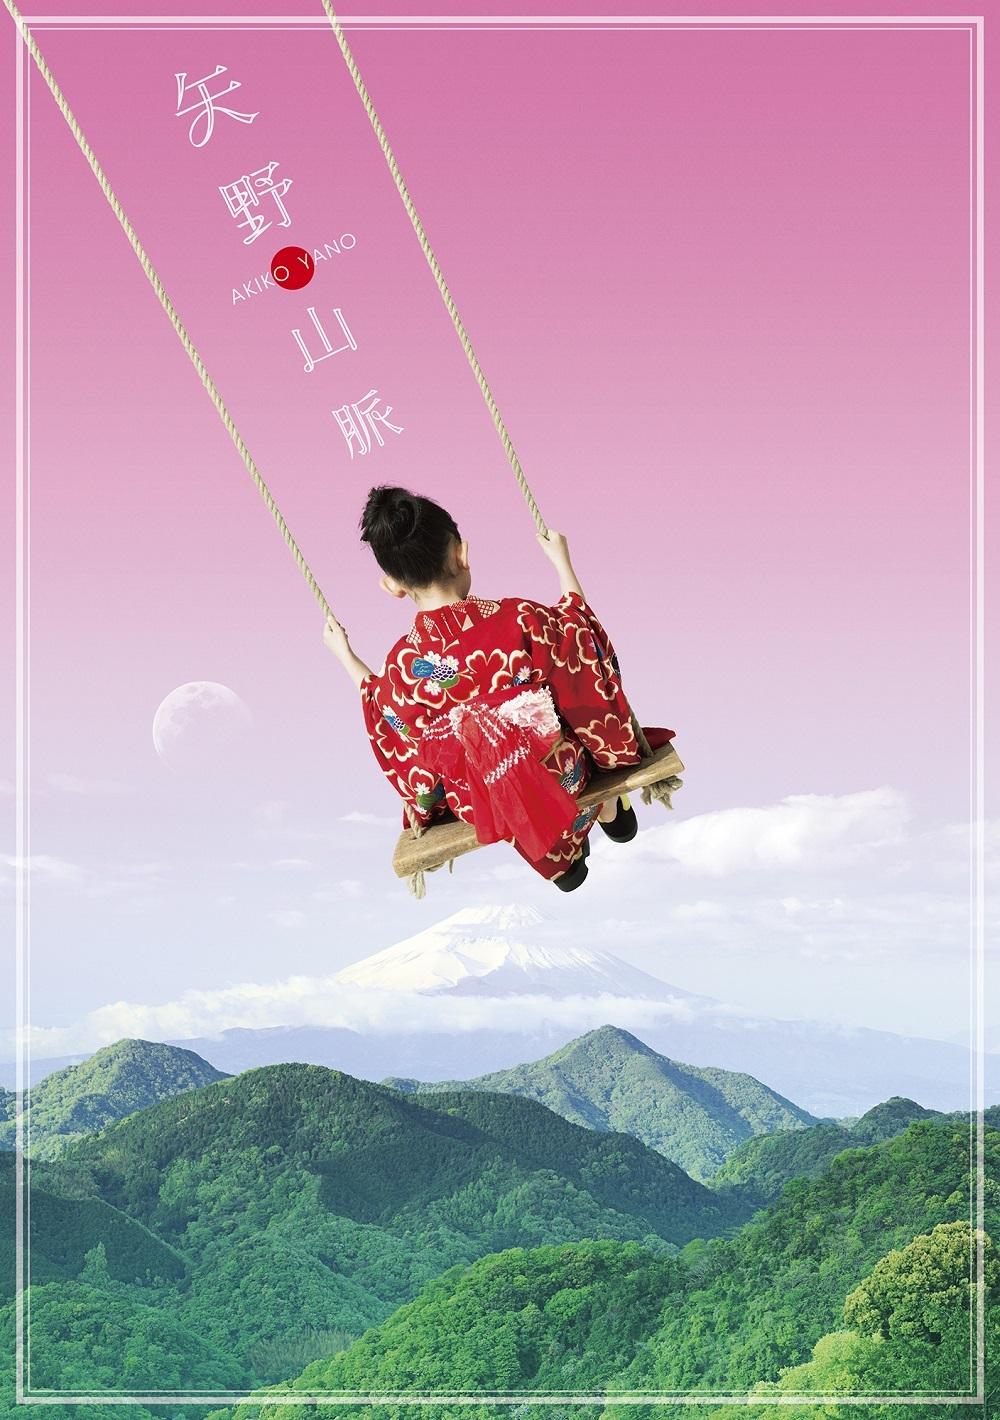 矢野顕子『矢野山脈』完全生産限定盤